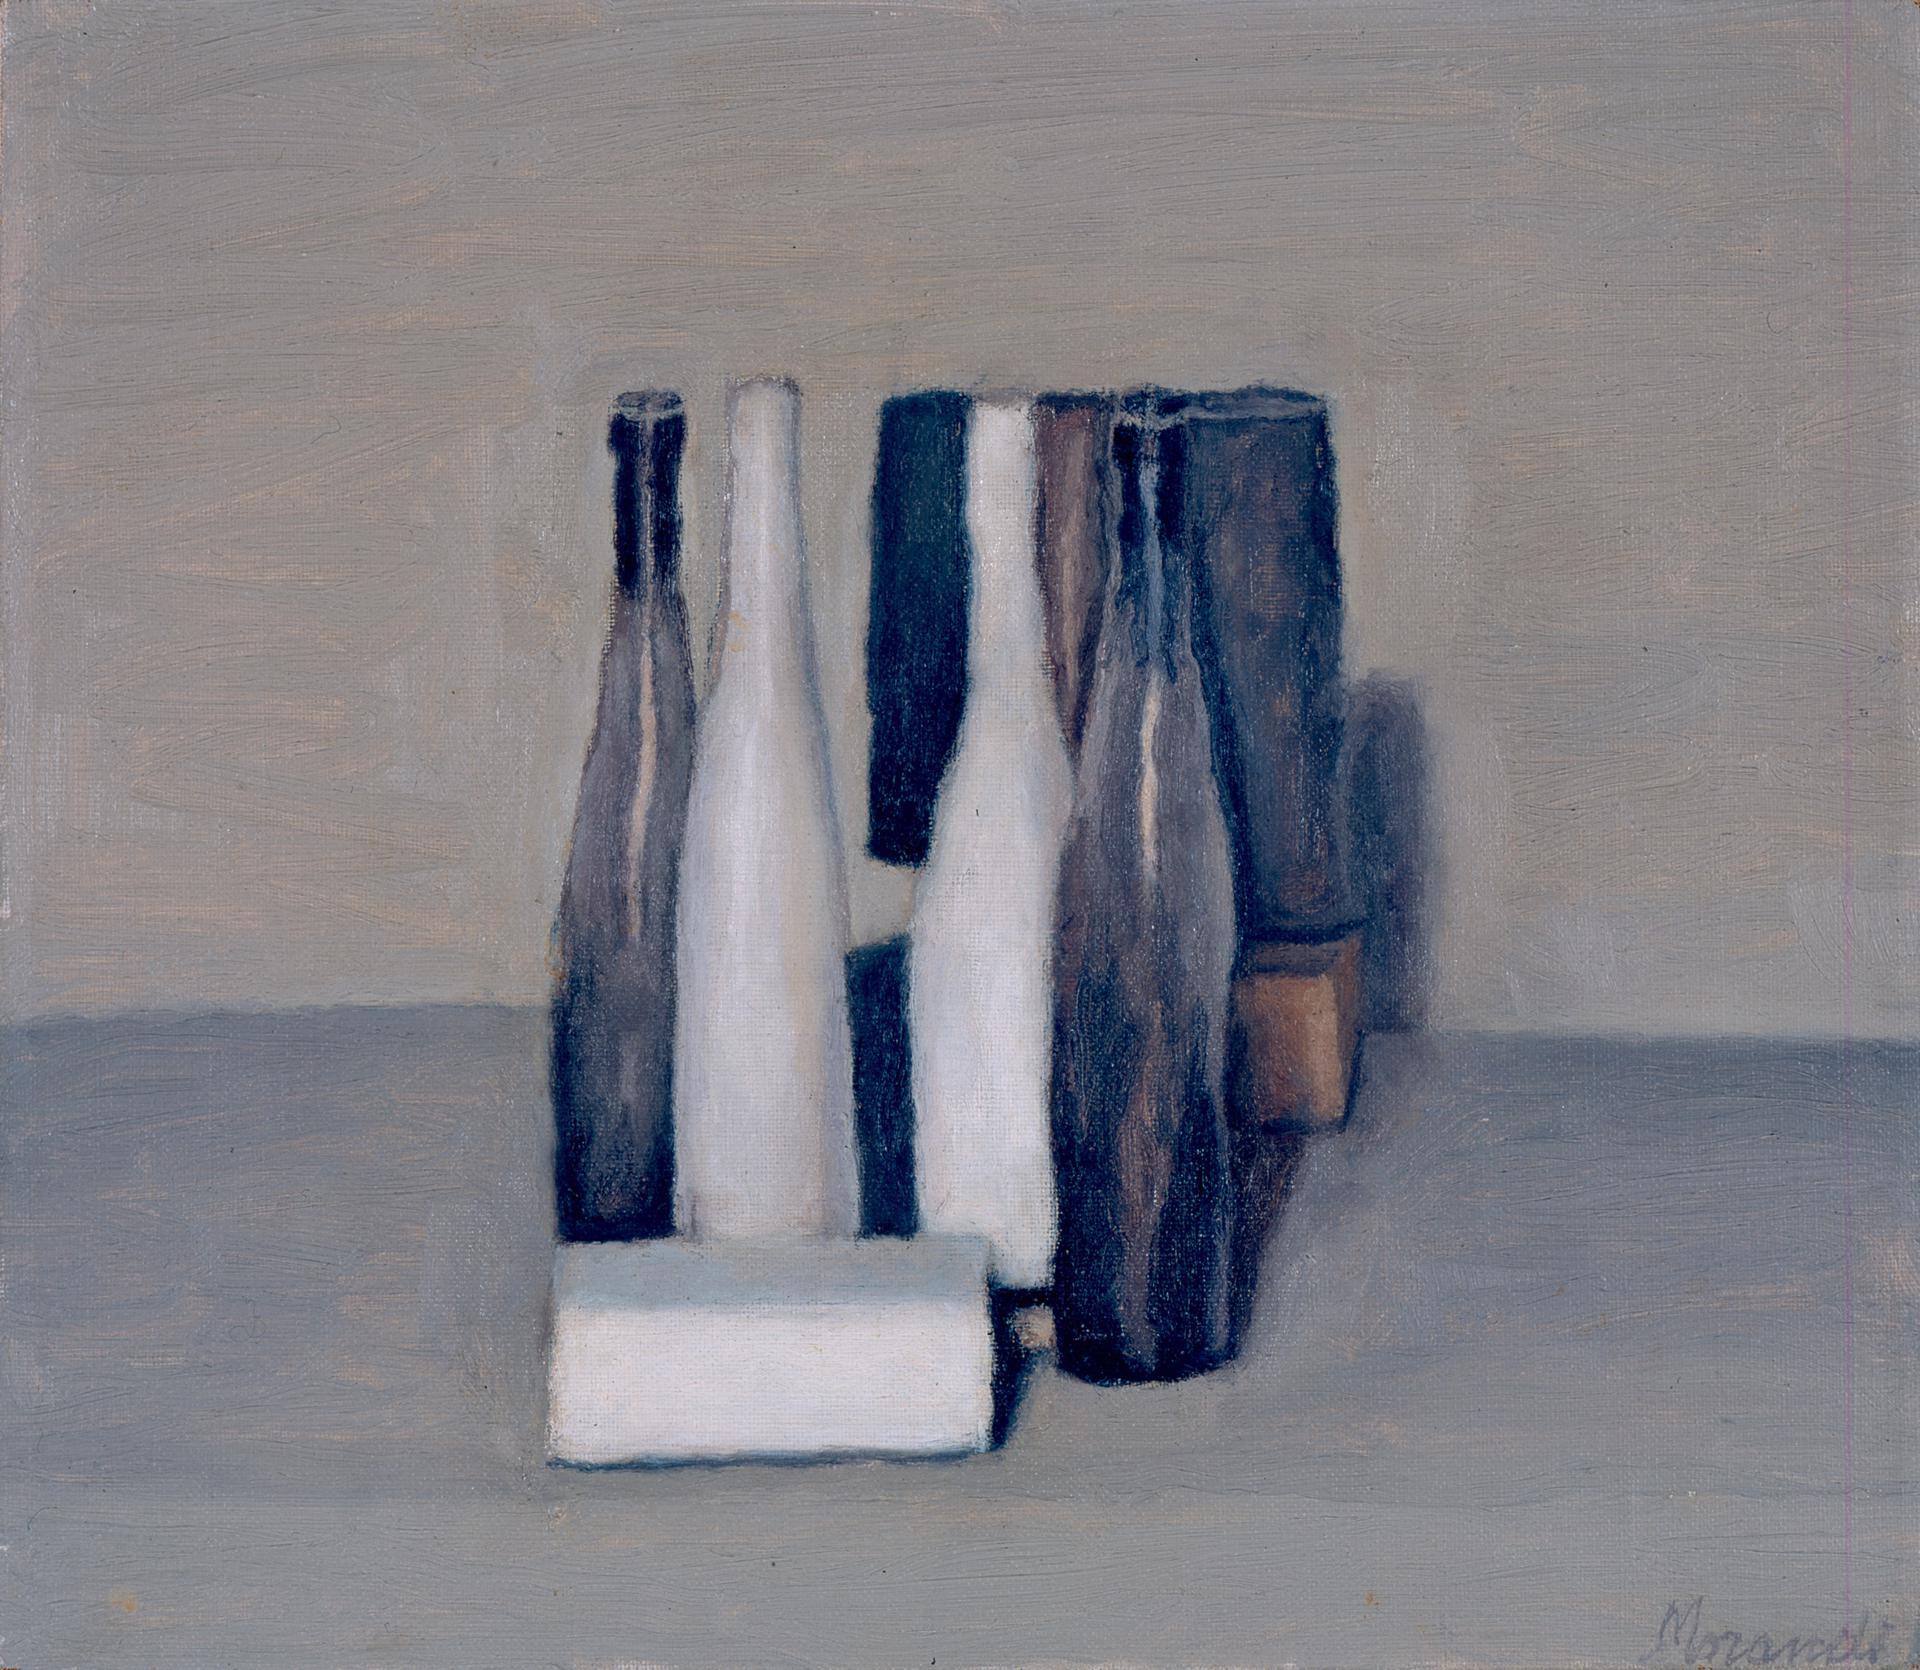 0051_莫兰迪_意大利著名的版画家油画家绘画作品集-莫兰迪-52_2362x2054PX_TIF_300DPI_14_0